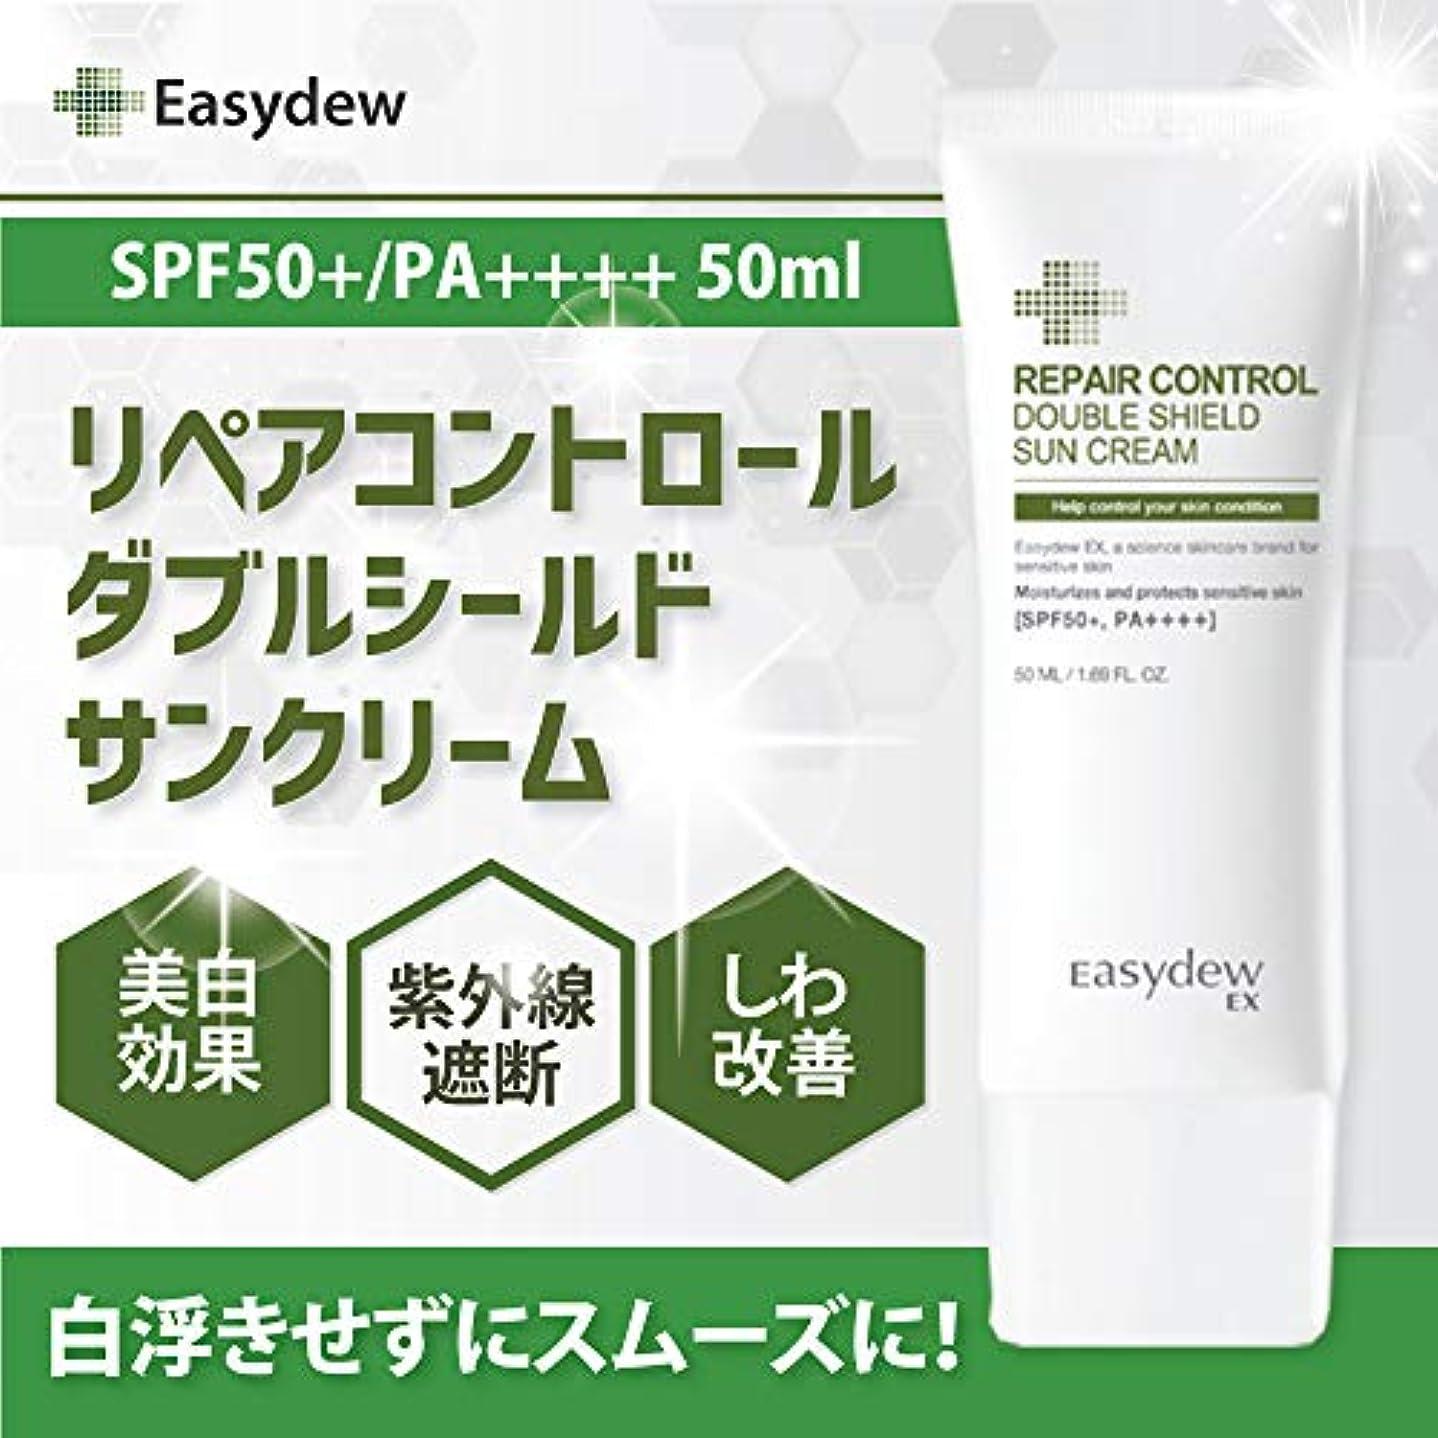 湿気の多い放棄砂利デウン製薬 リペア コントロール ダブル シールド サン?クリーム SPF50+/PA++++ 50ml. Repair Control Double Shild Sun Cream SPF50+/PA++++ 50ml.